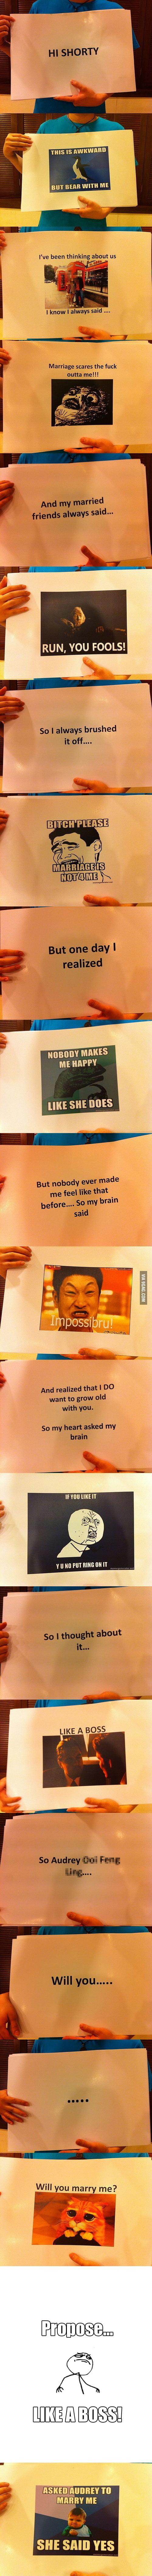 Meme usage in Malaysia